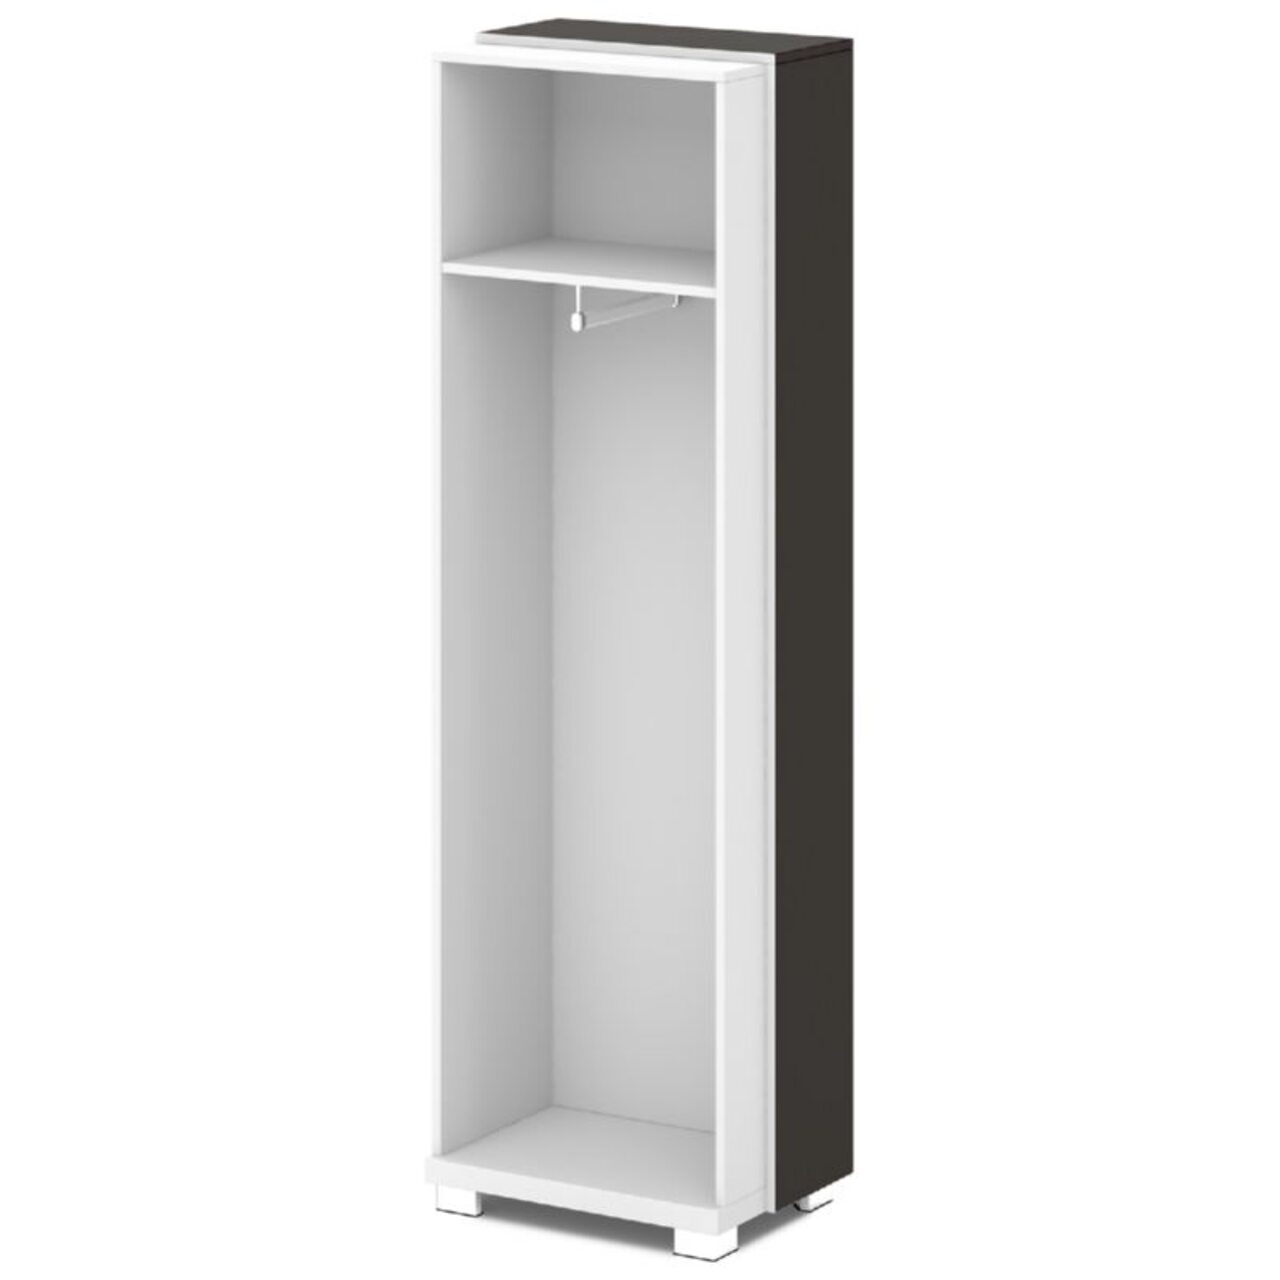 Каркас шкафа для одежды крайний  GRACE 62x44x205 - фото 5